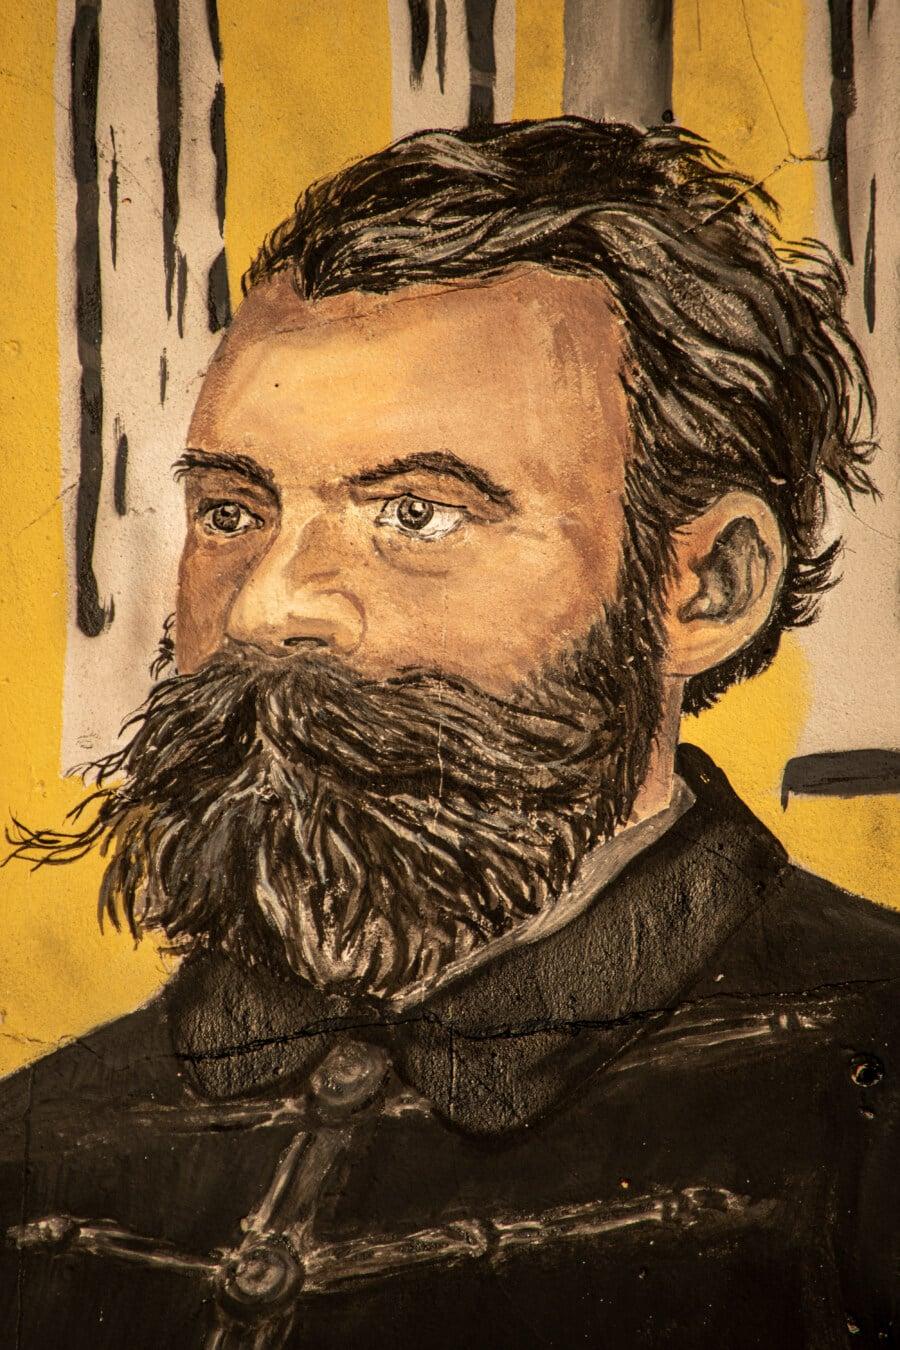 moustache, Barbe, homme, mur, art, rue, Graffiti, tête, fermer, portrait